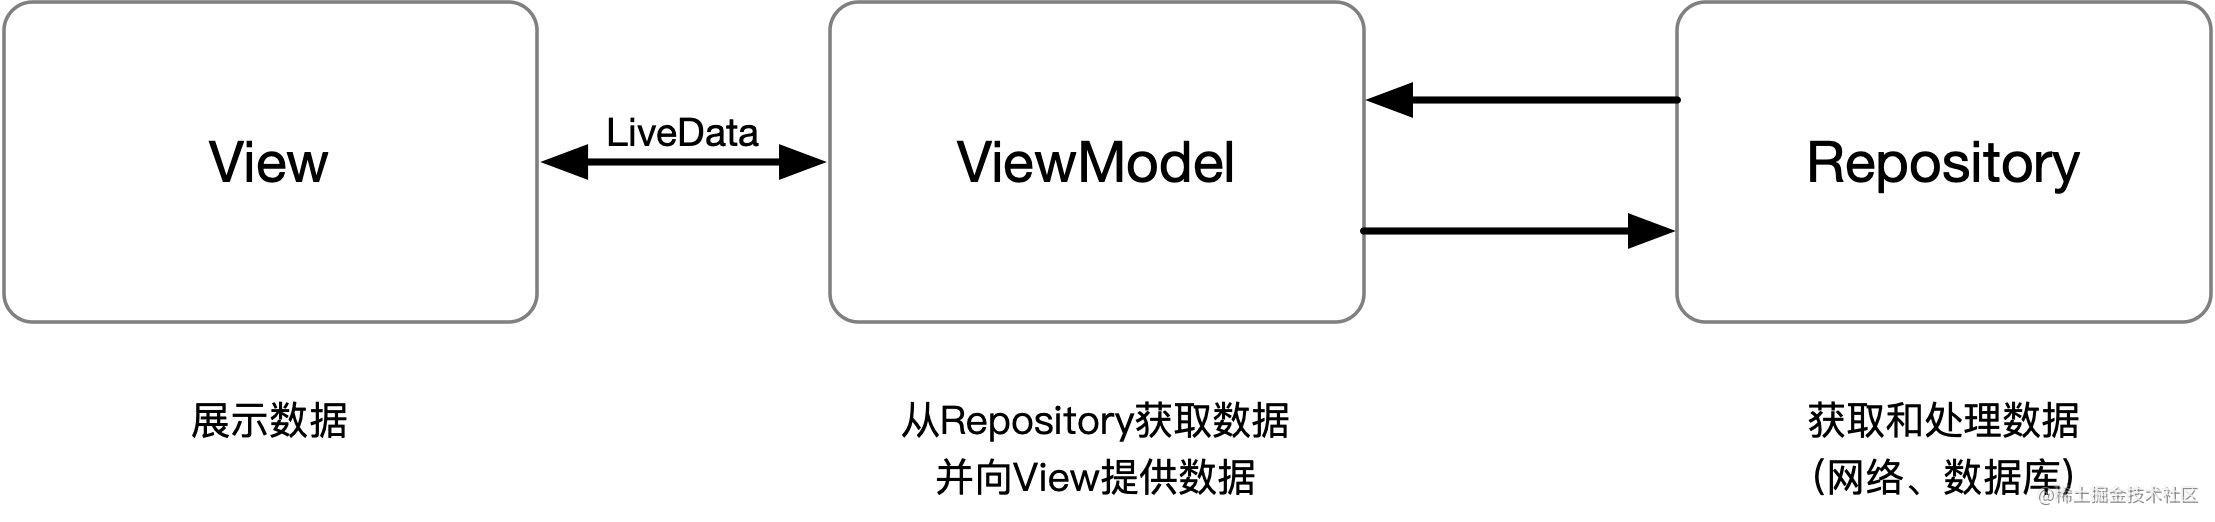 MVVM架构图